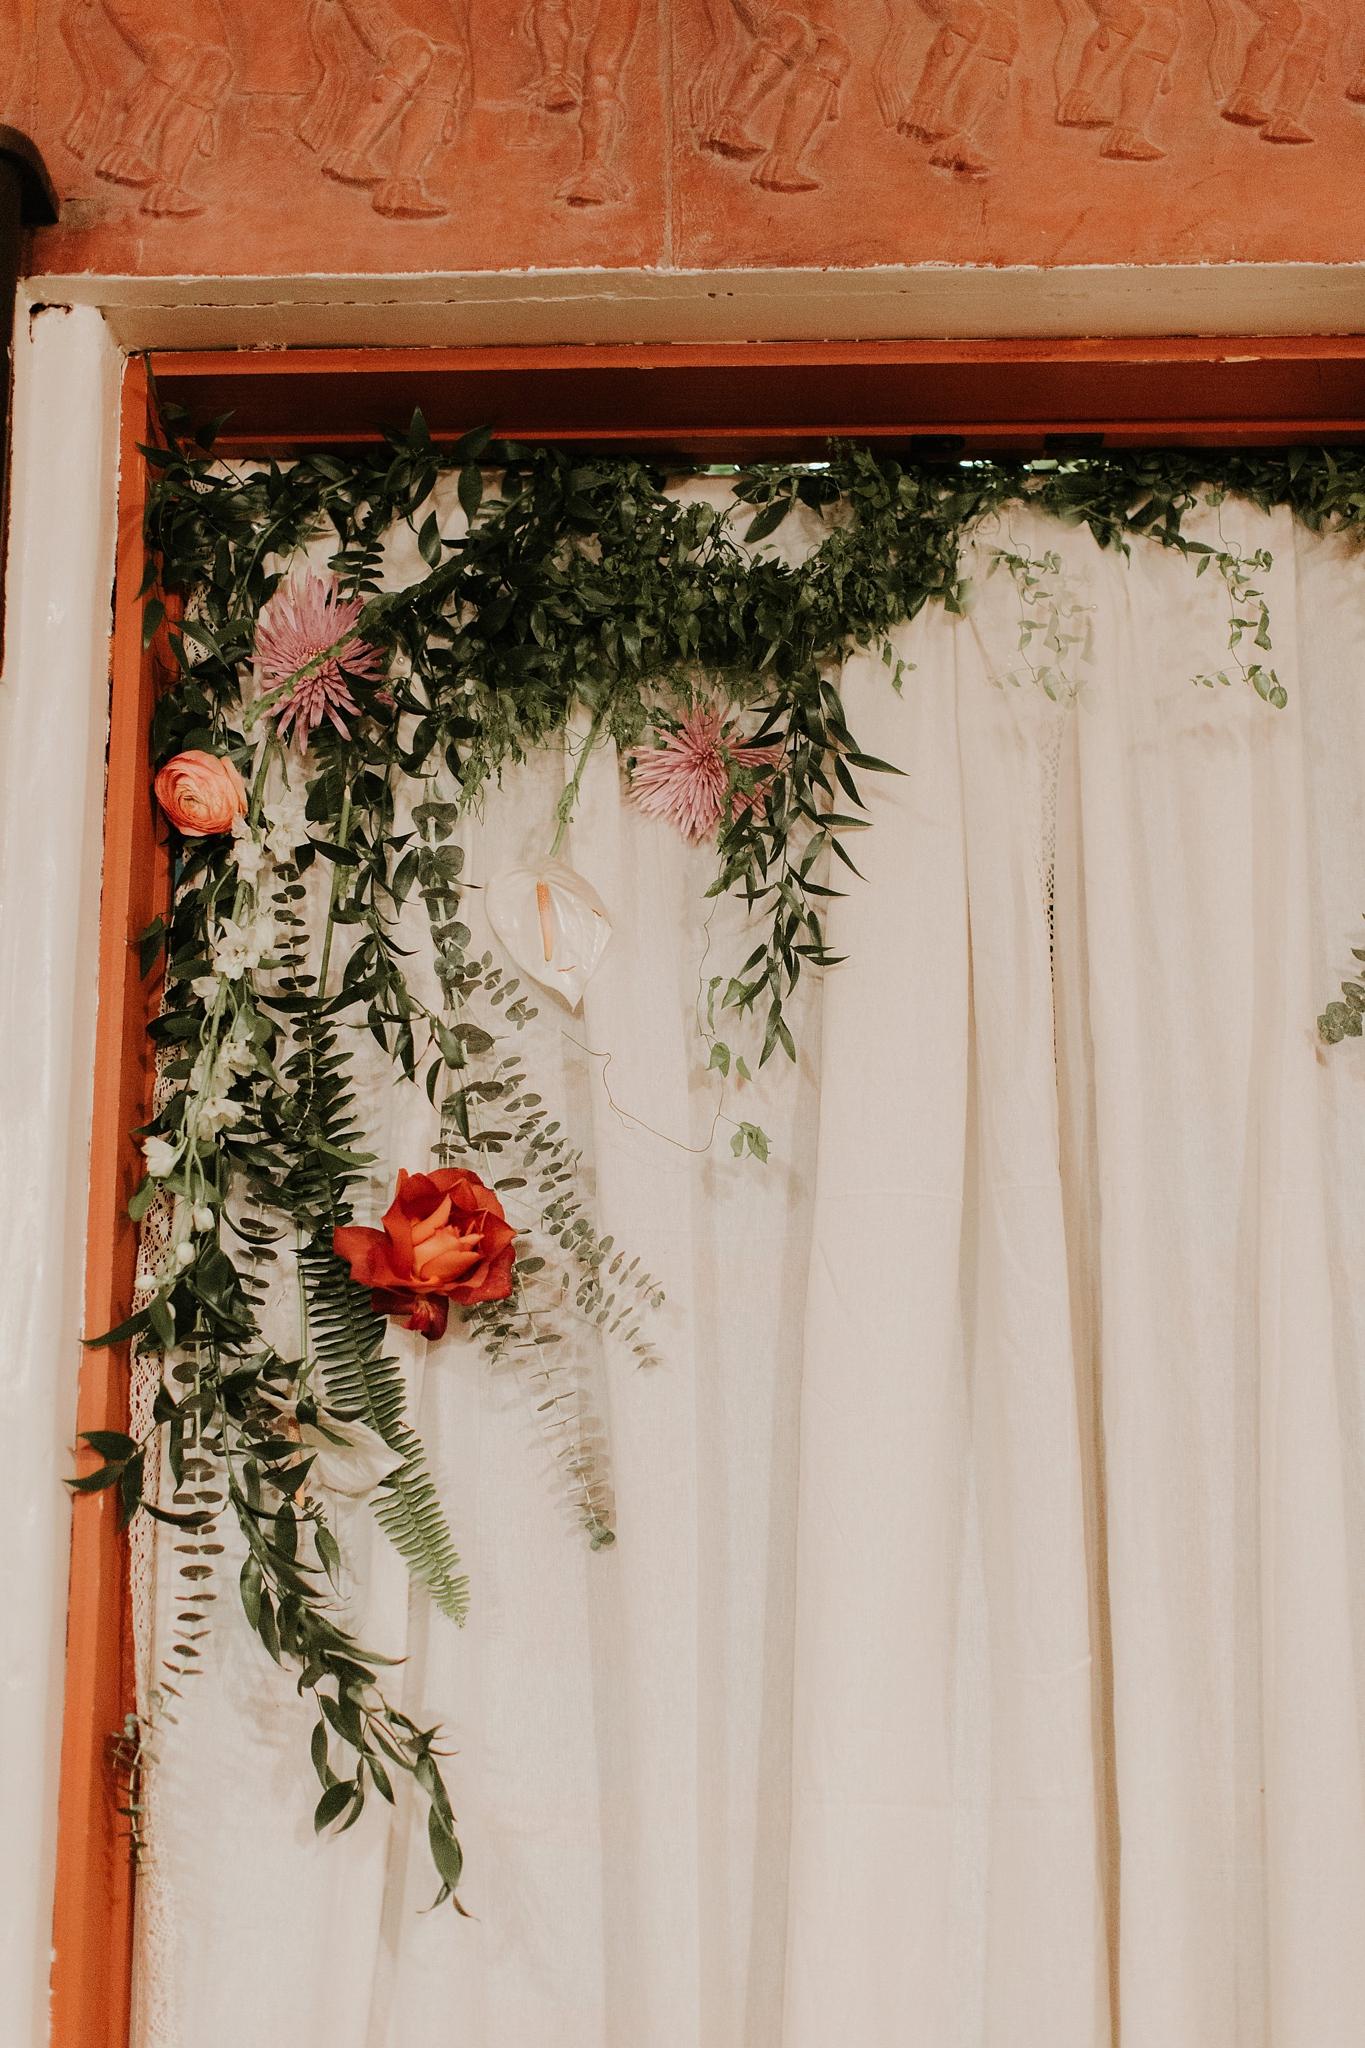 Alicia+lucia+photography+-+albuquerque+wedding+photographer+-+santa+fe+wedding+photography+-+new+mexico+wedding+photographer+-+wedding+ceremony+-+wedding+alter+-+floral+alter_0059.jpg